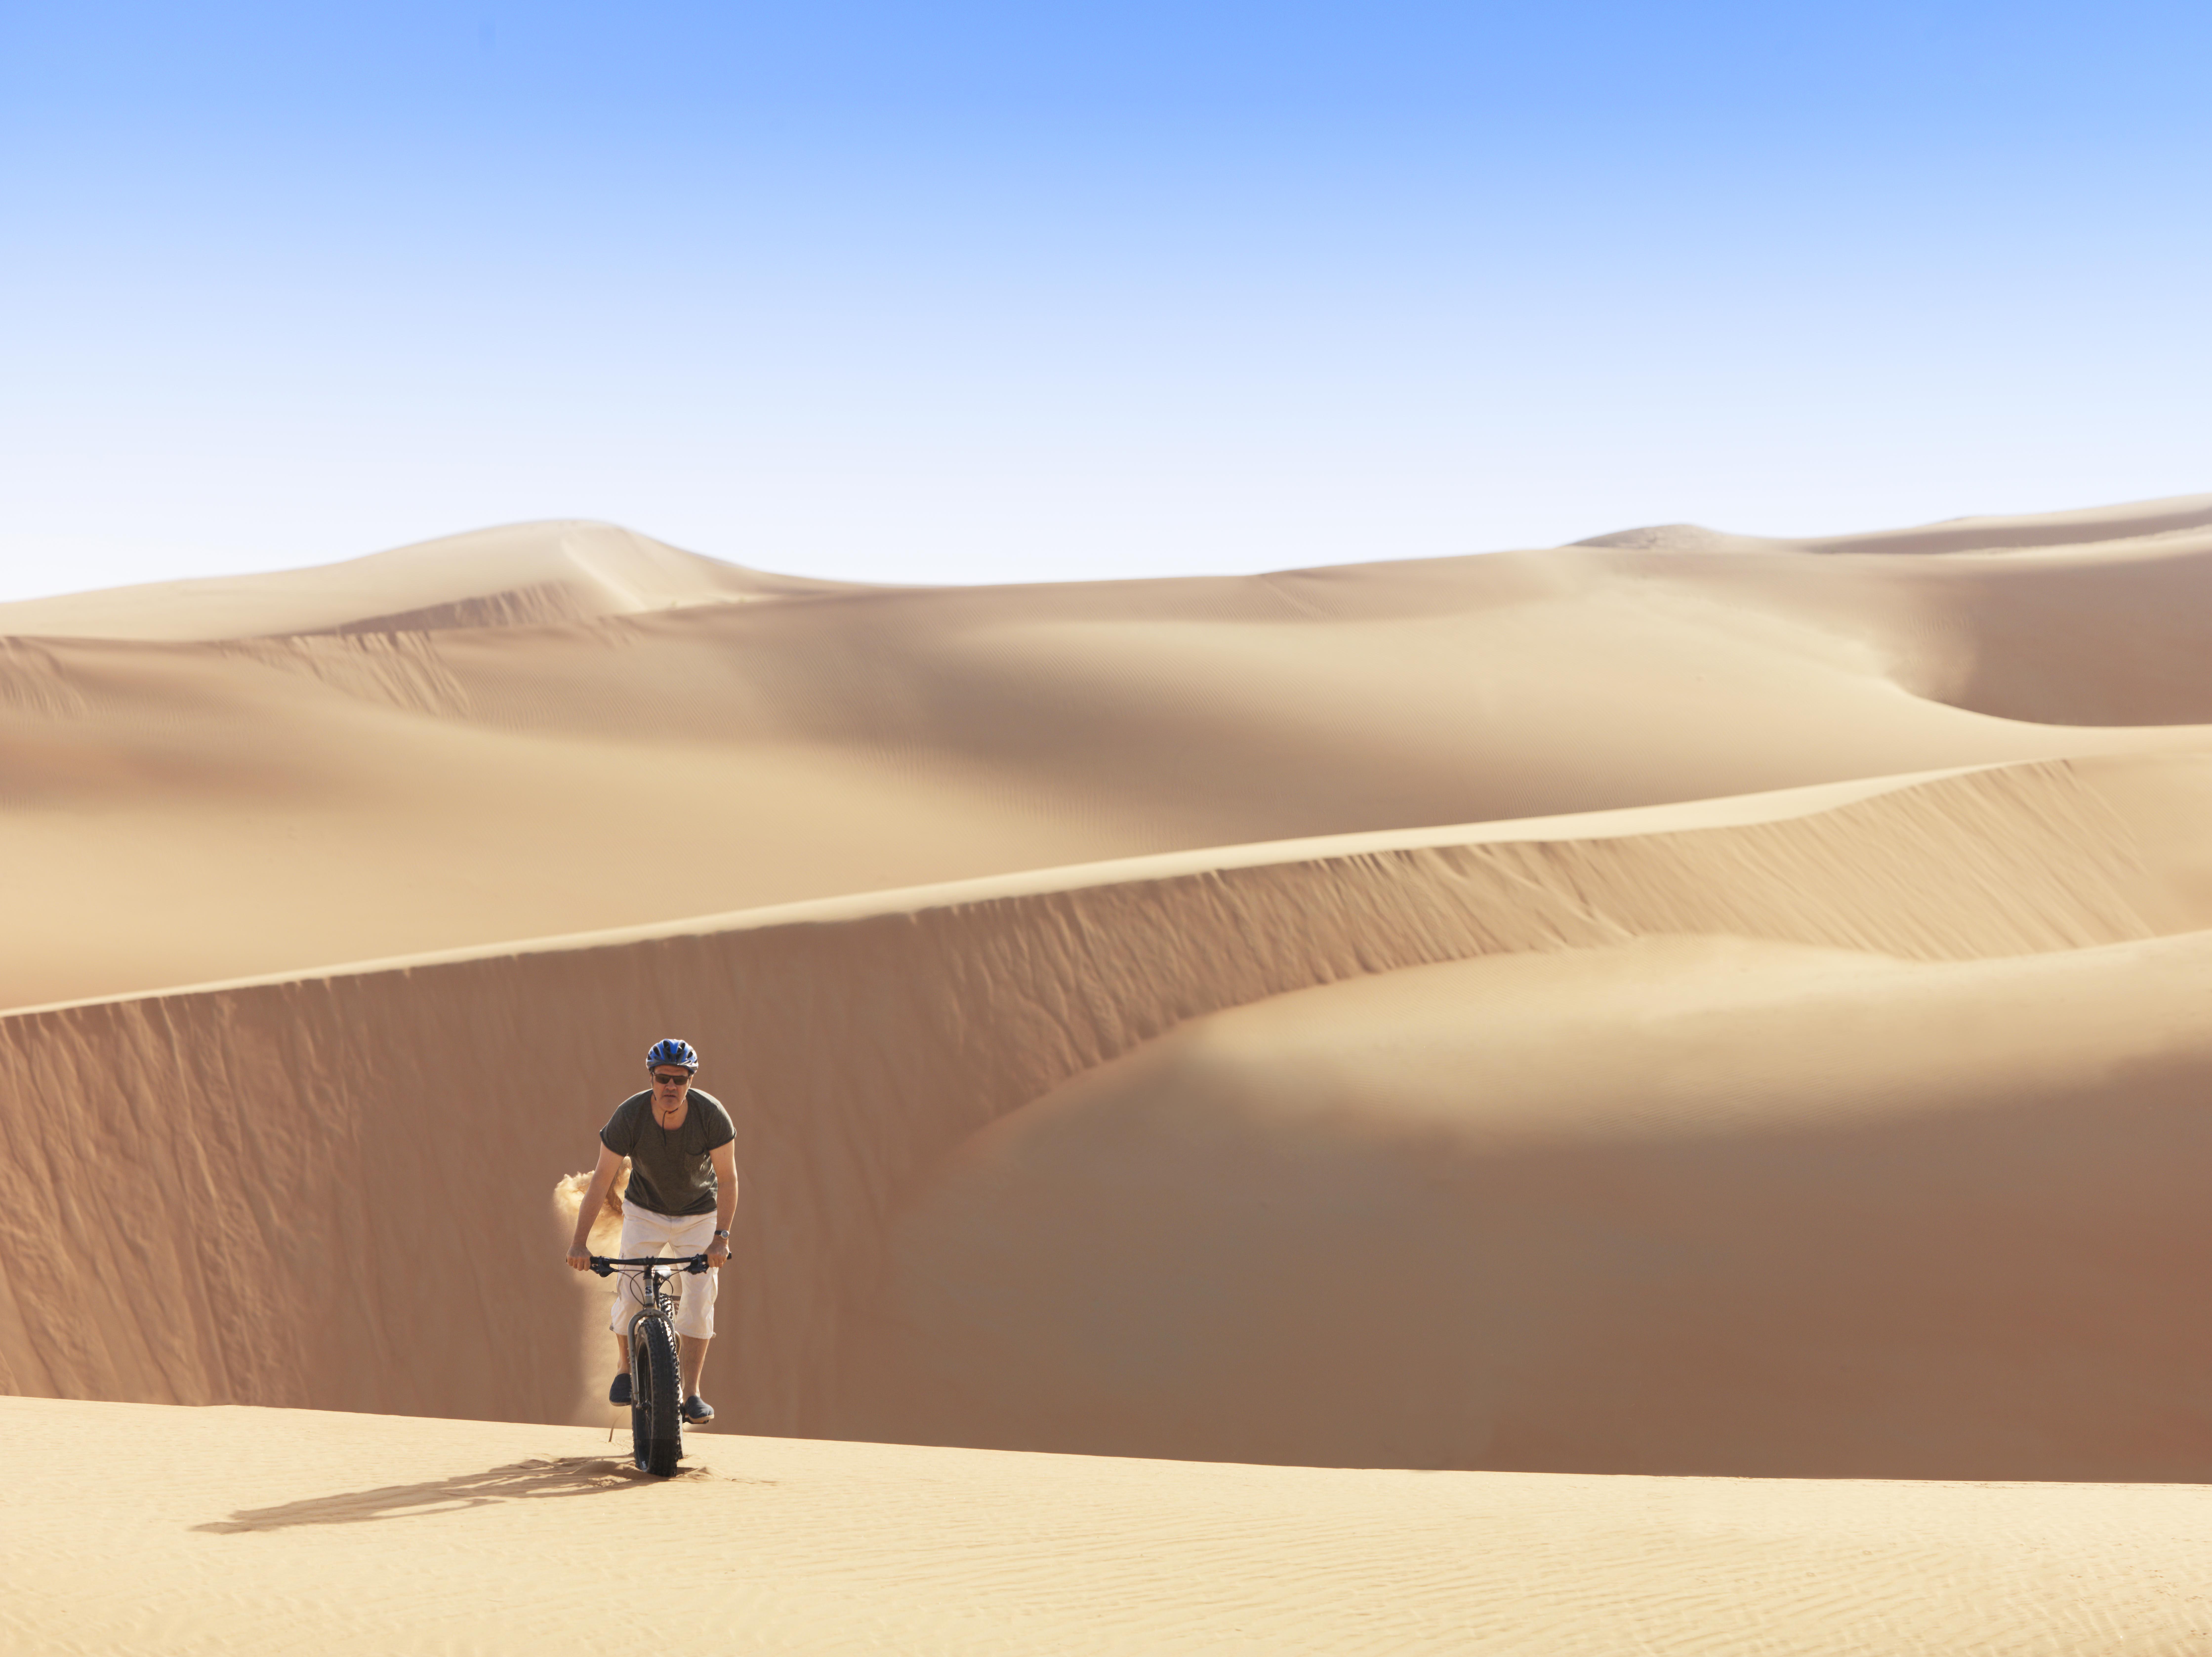 Наполнитесь духом авантюризма и примите участие в соревнованиях «Anantara Adventure Challenge» в Абу-Даби